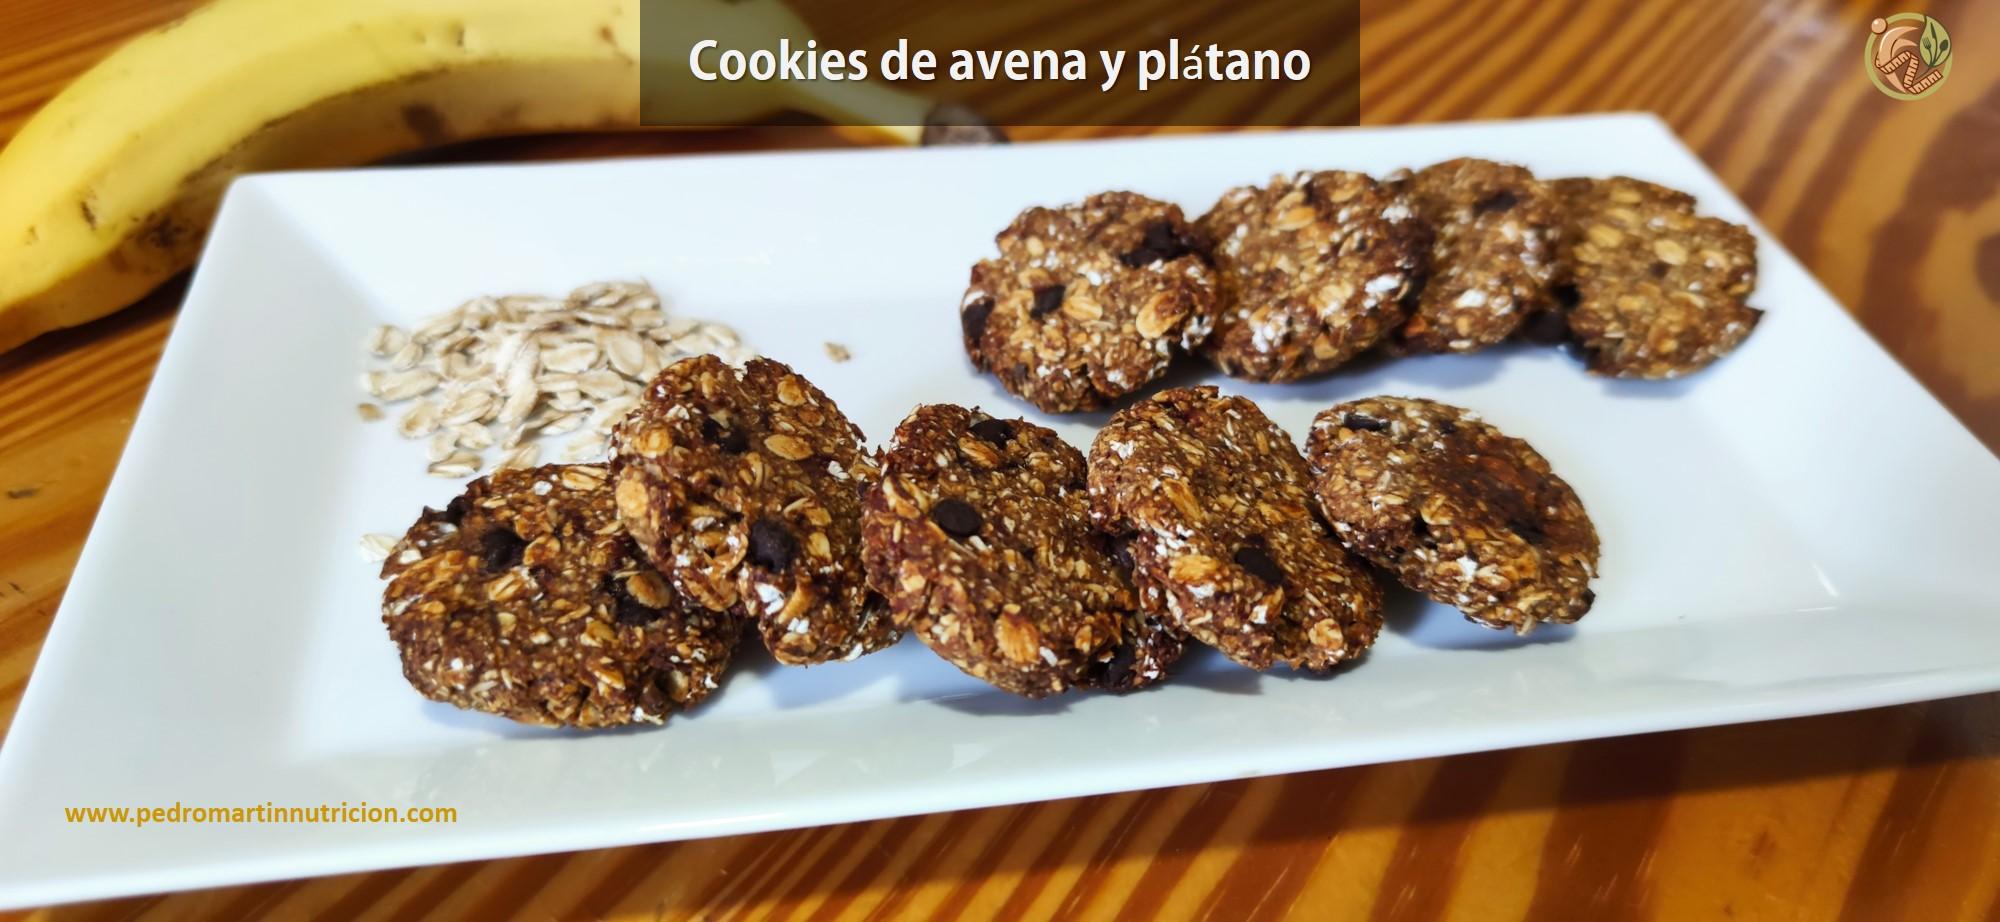 Cookies de avena y plátano